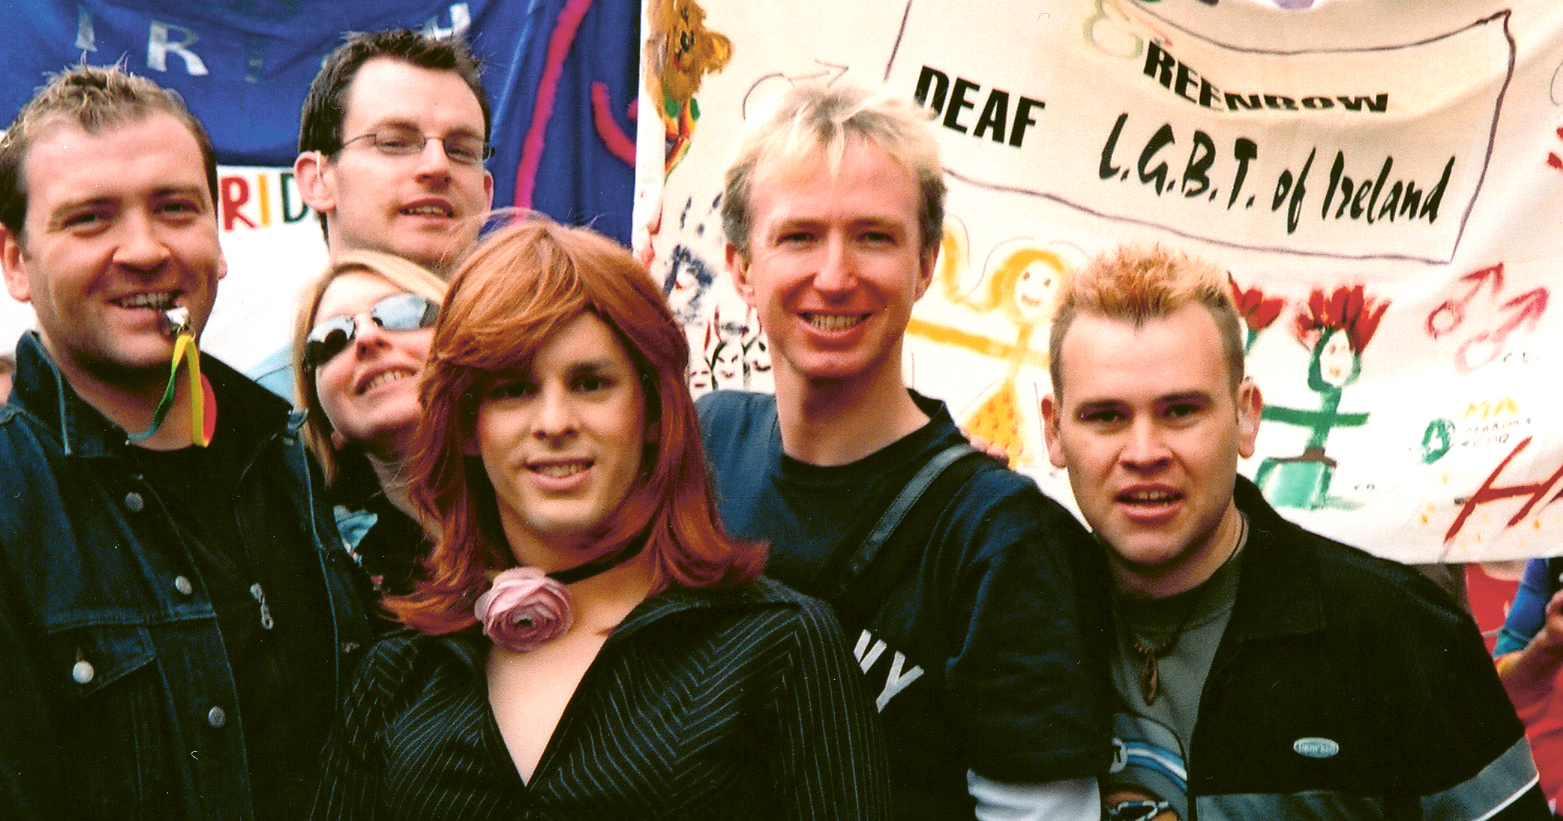 Members of Greenbow